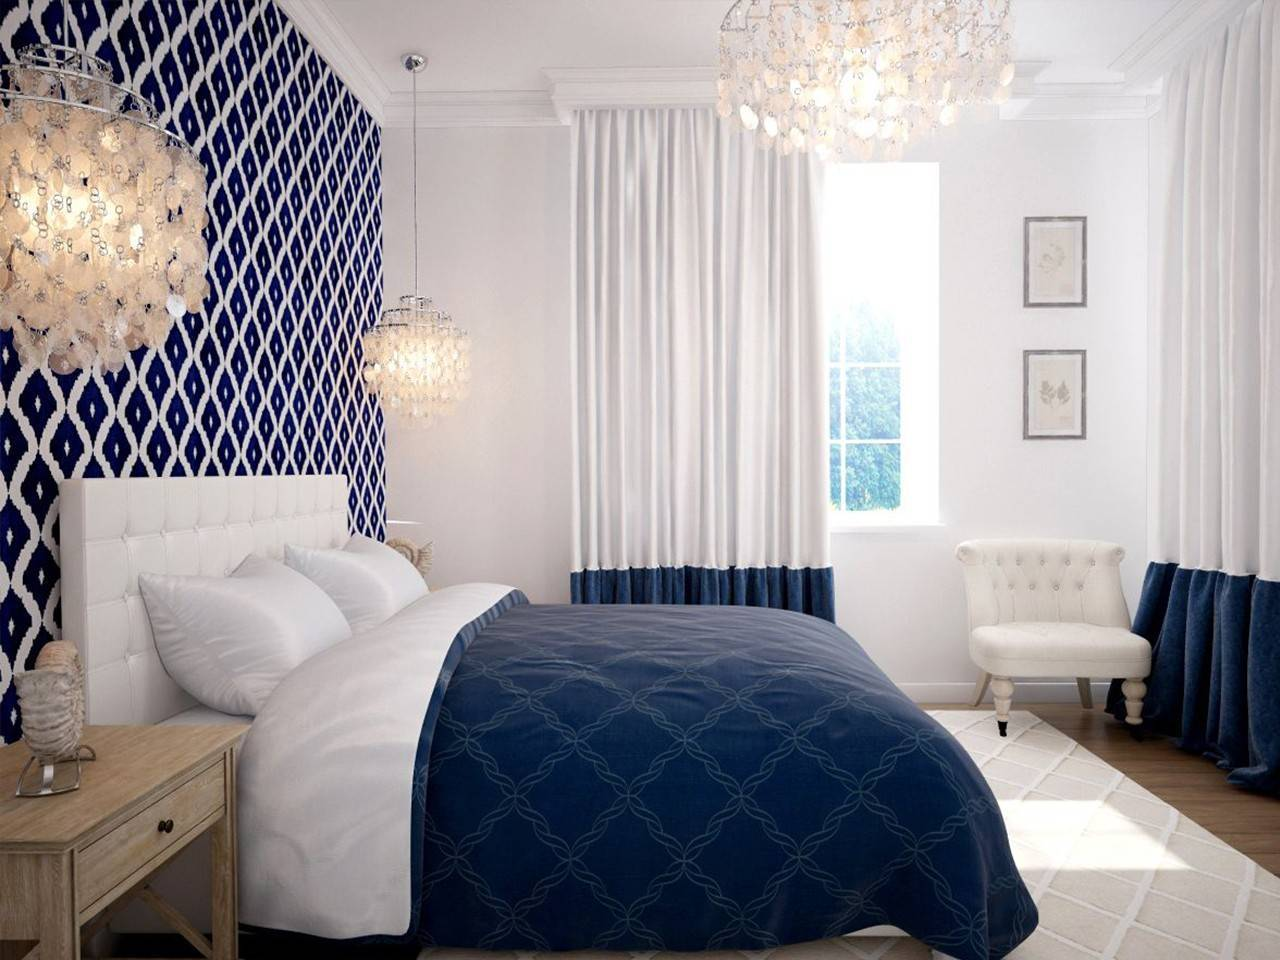 Дизайн маленькой спальни 9 кв м – фото интерьера маленьких спален 3 на 3